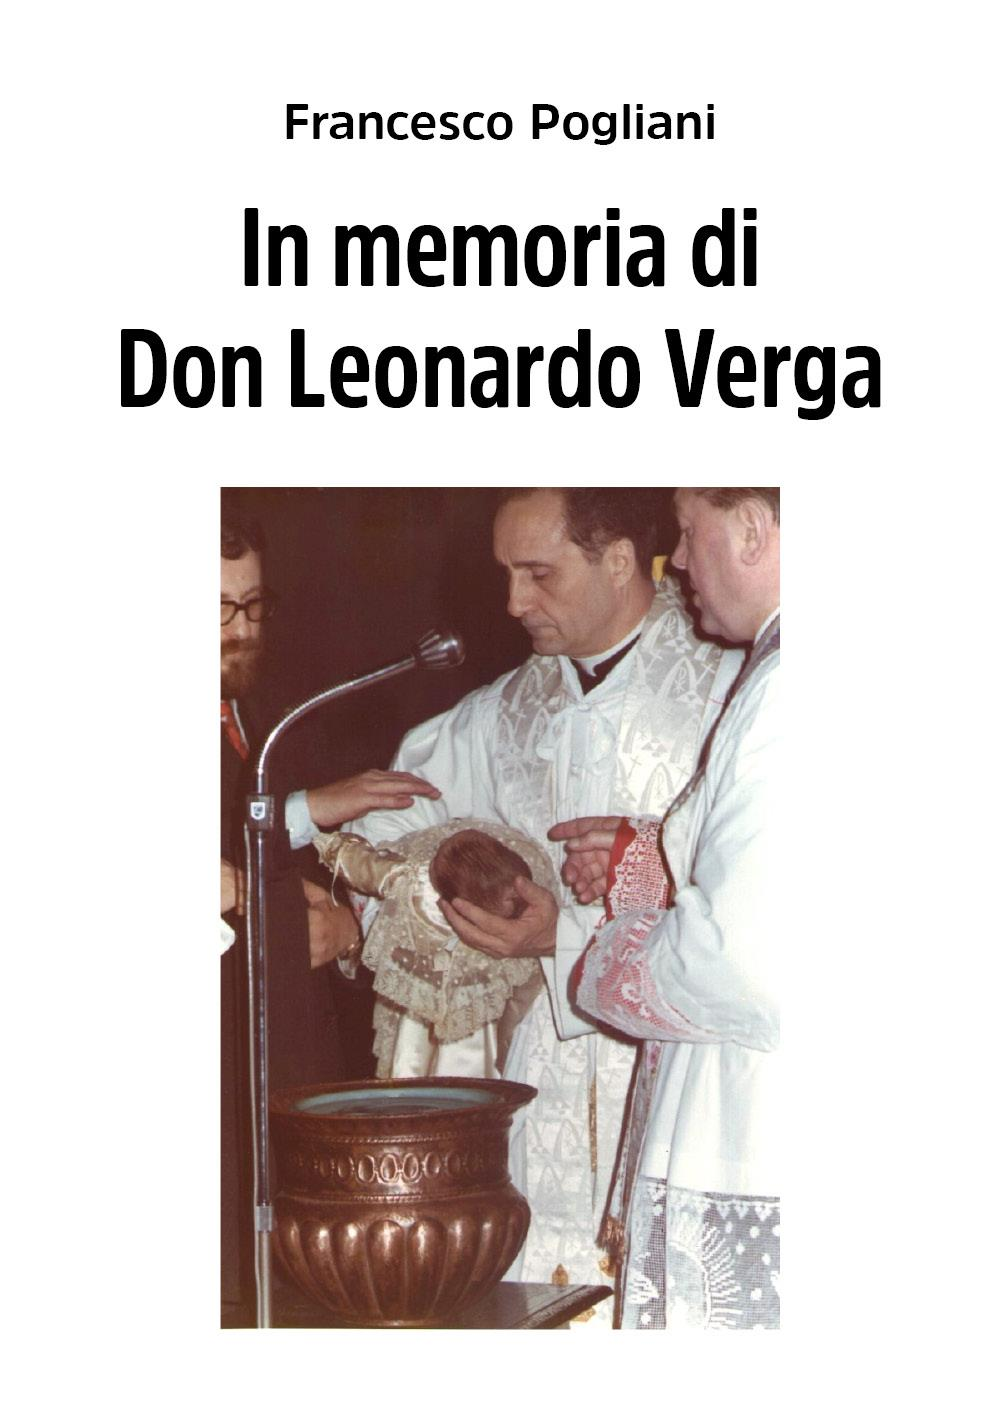 In memoria di Don Leonardo Verga